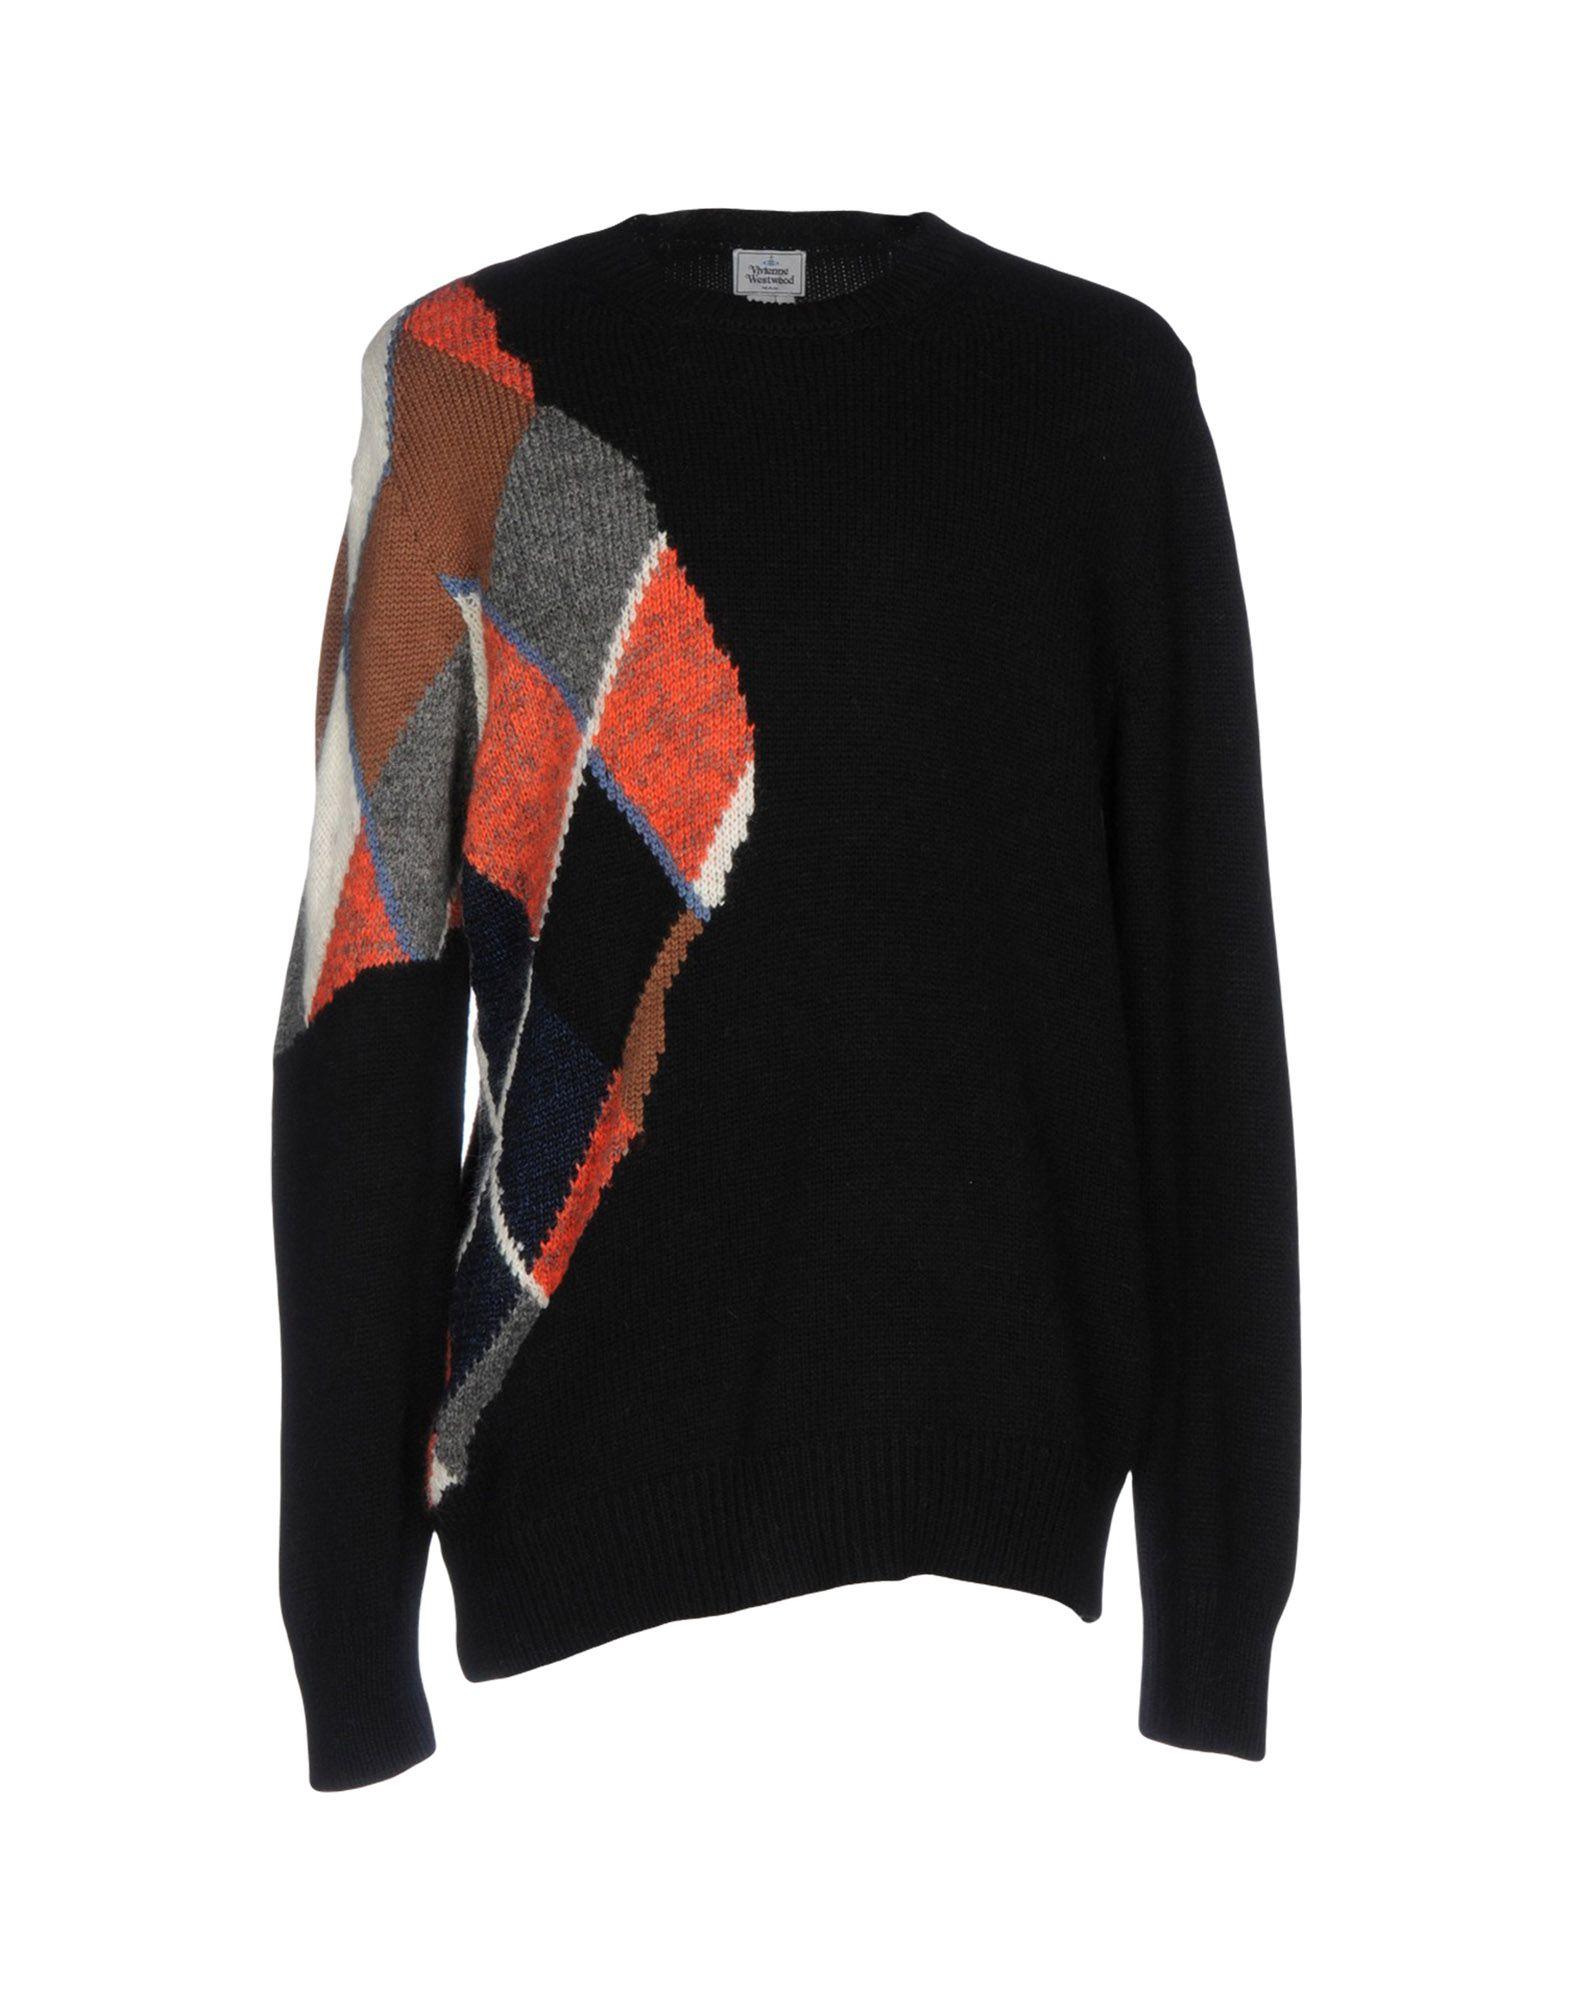 VIVIENNE WESTWOOD MAN Sweater in Black